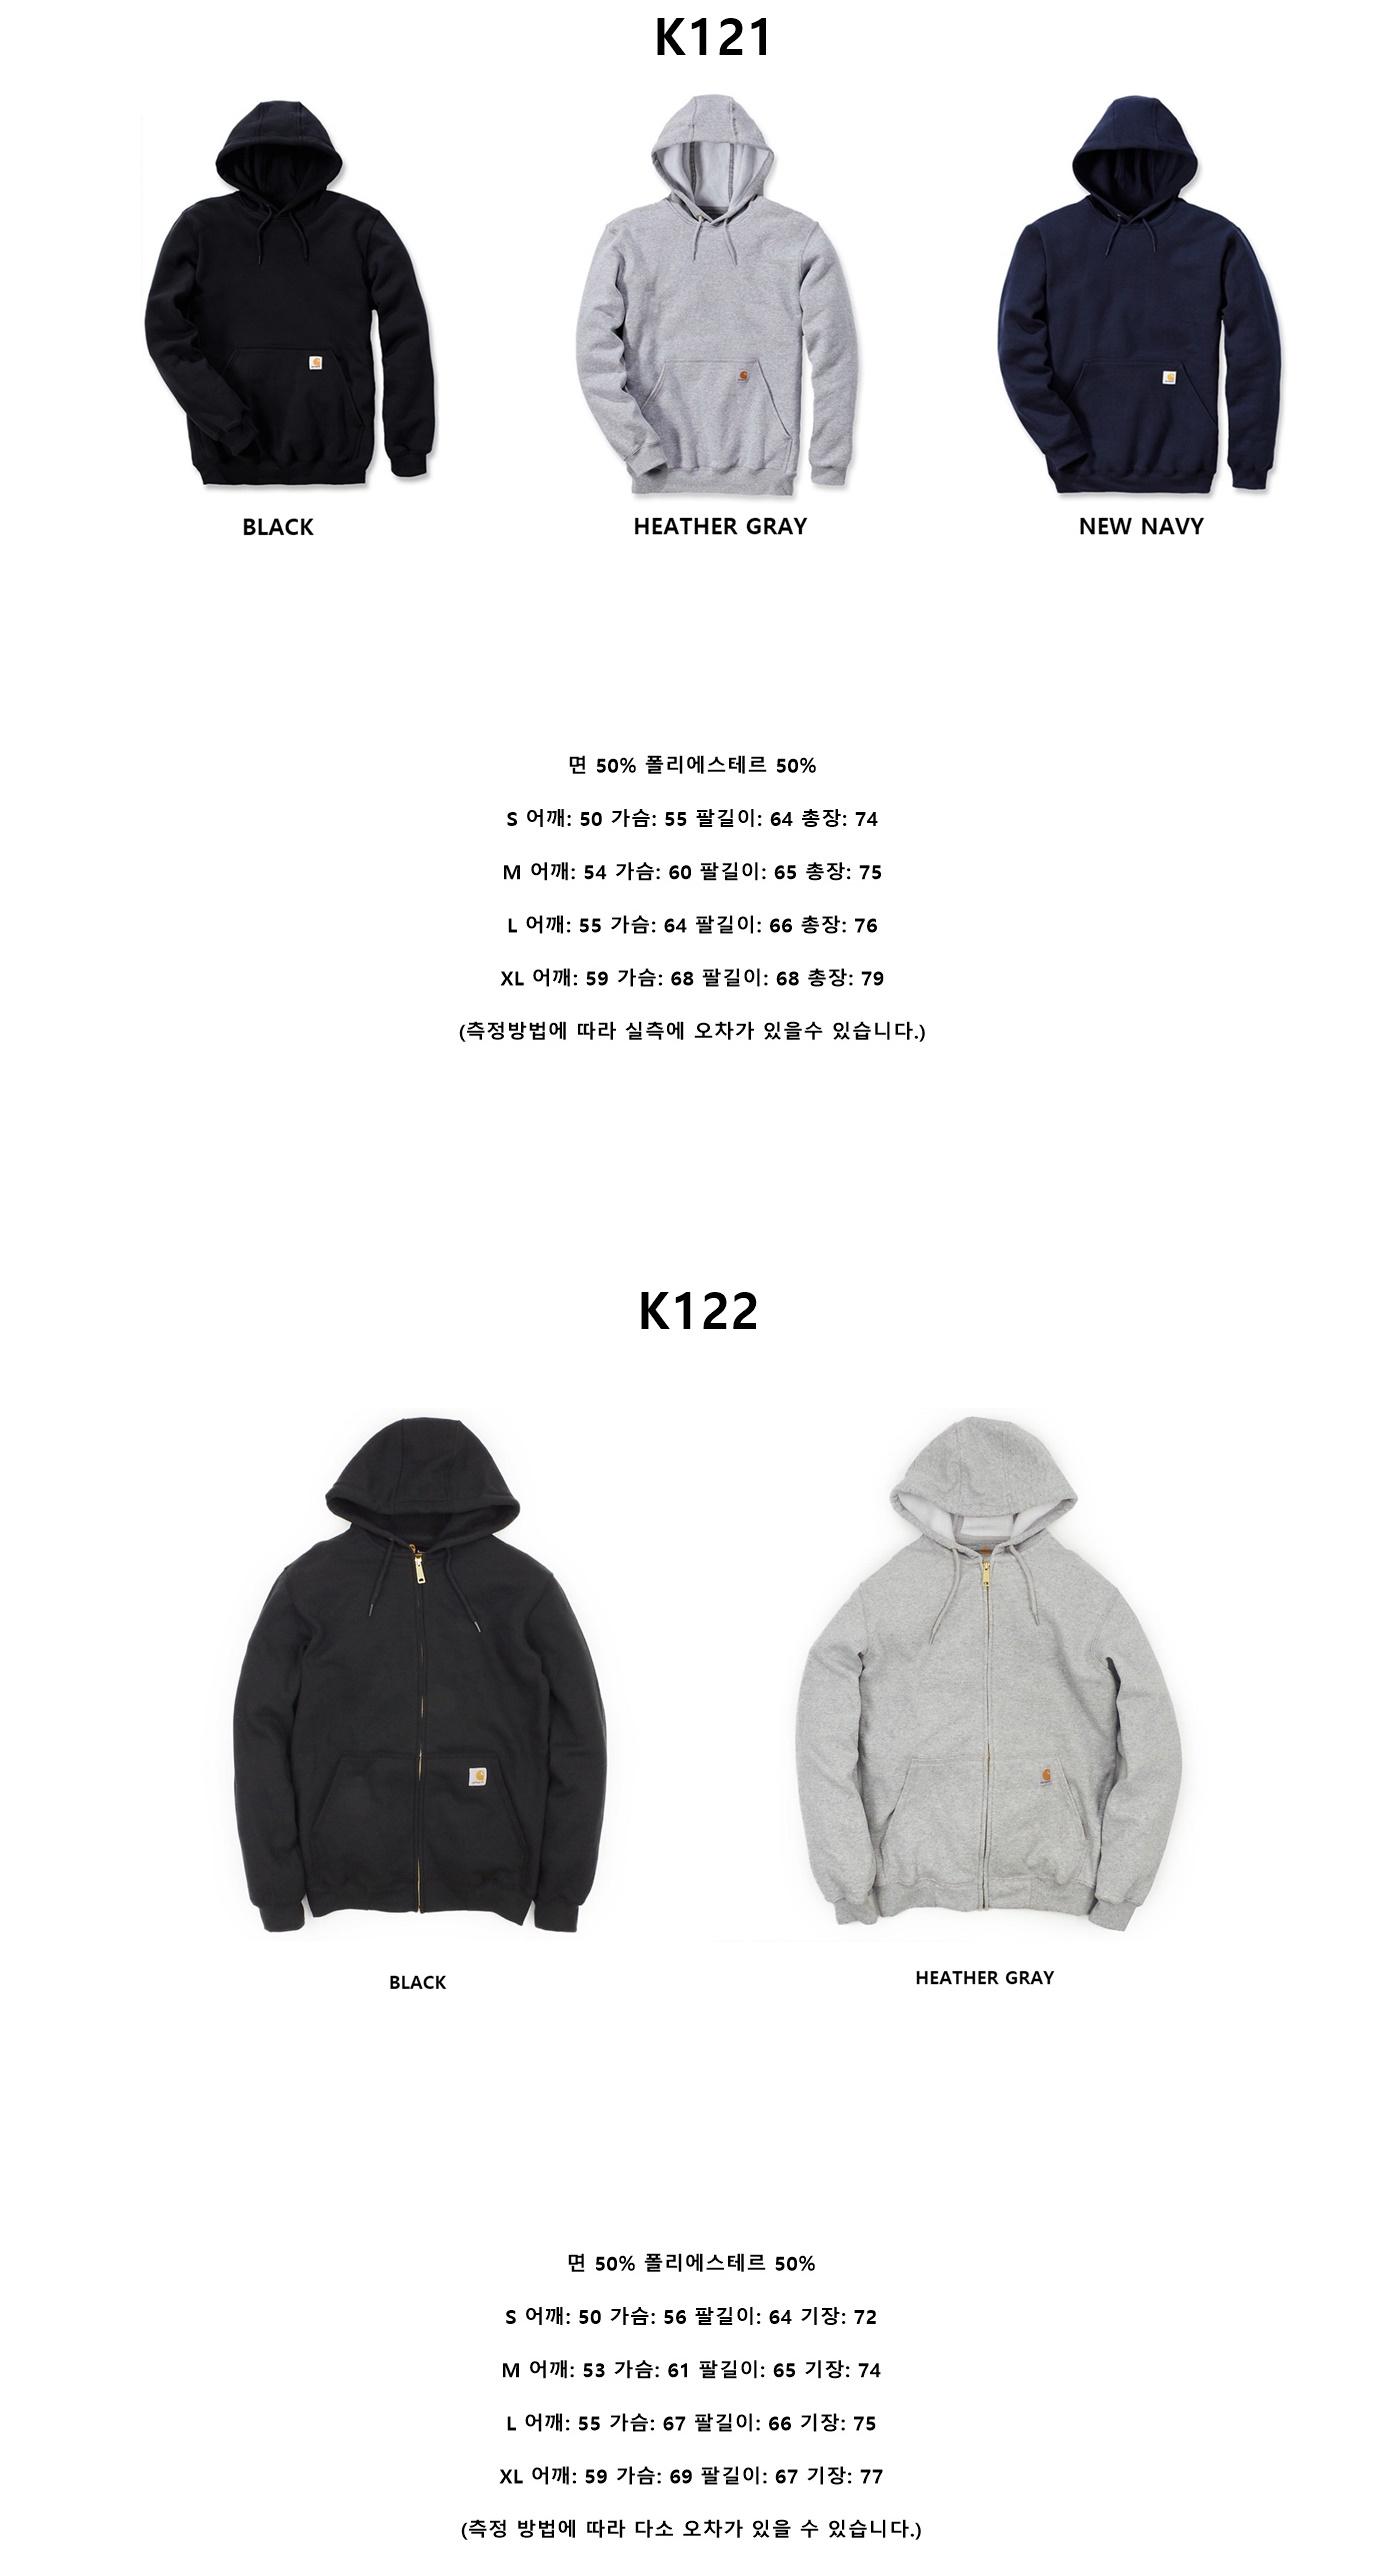 K121_K122 1+1.jpg